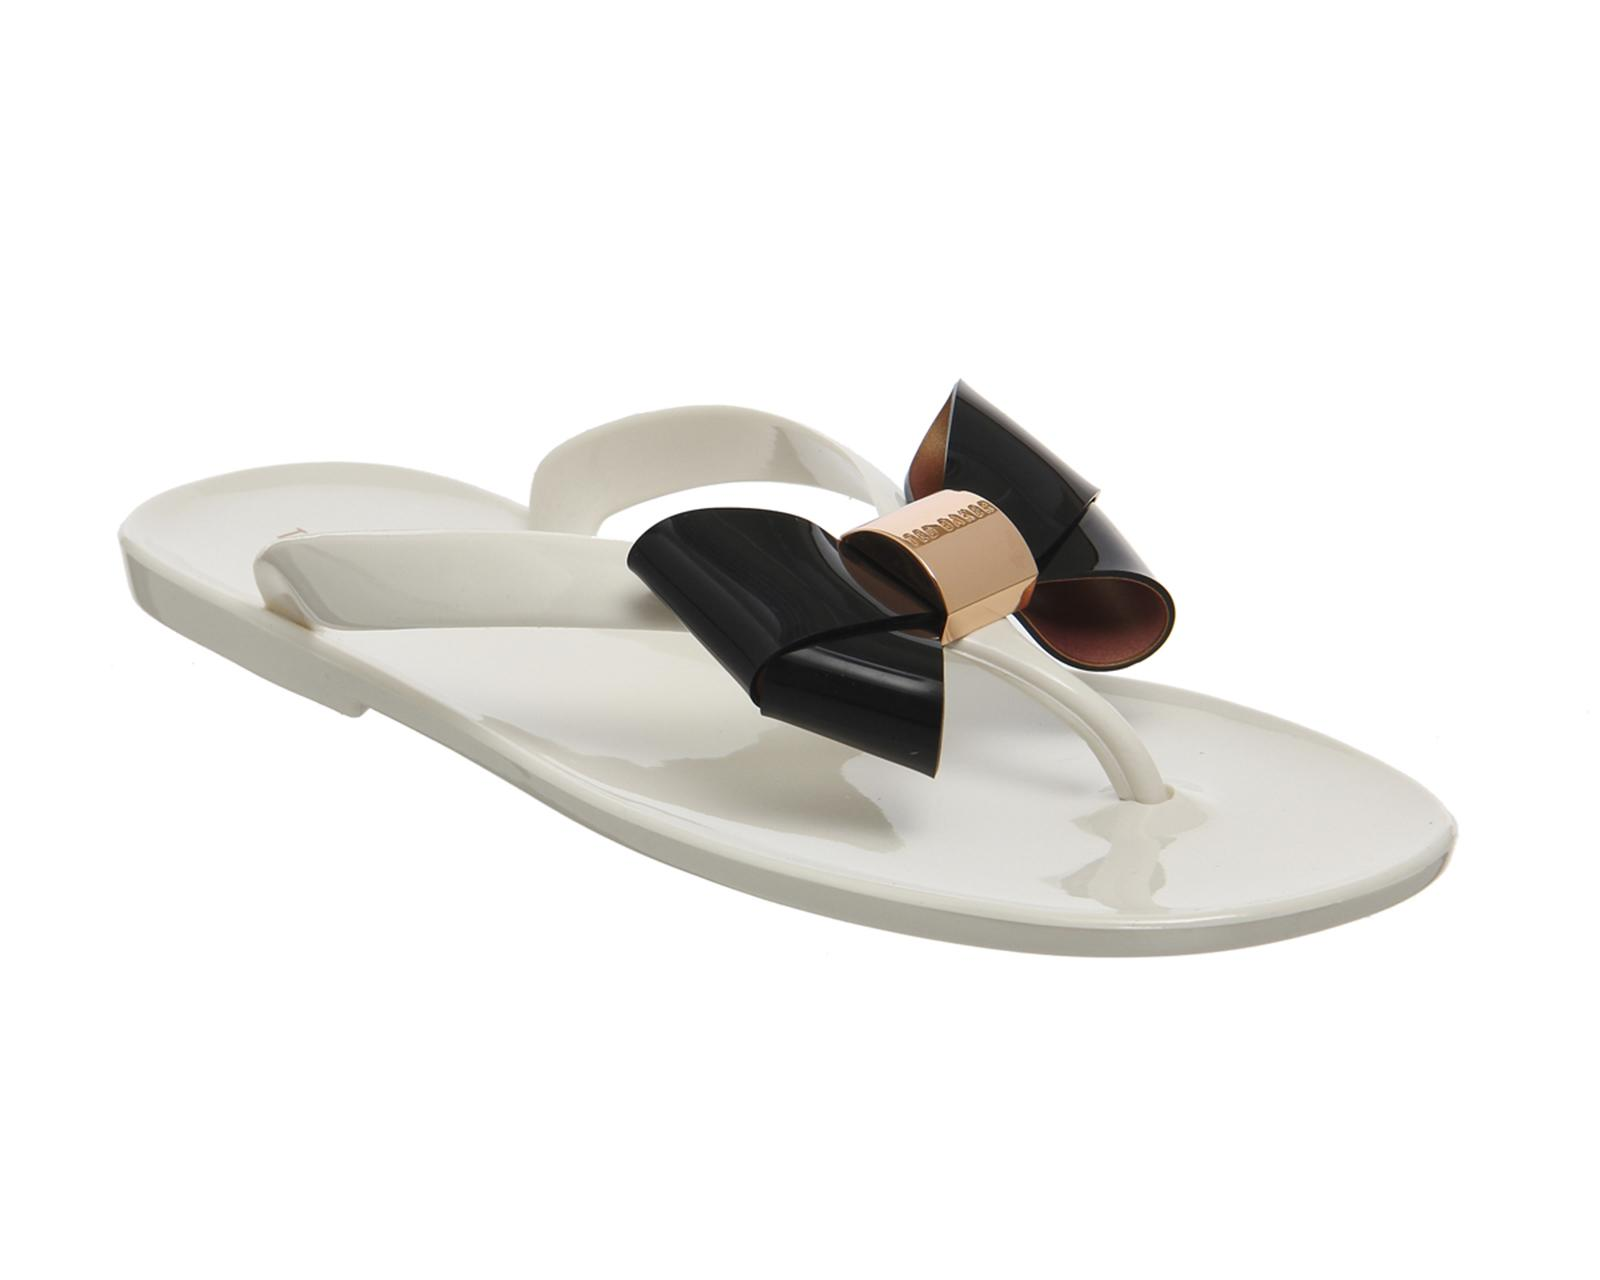 Ted Baker Flip Flops Sale